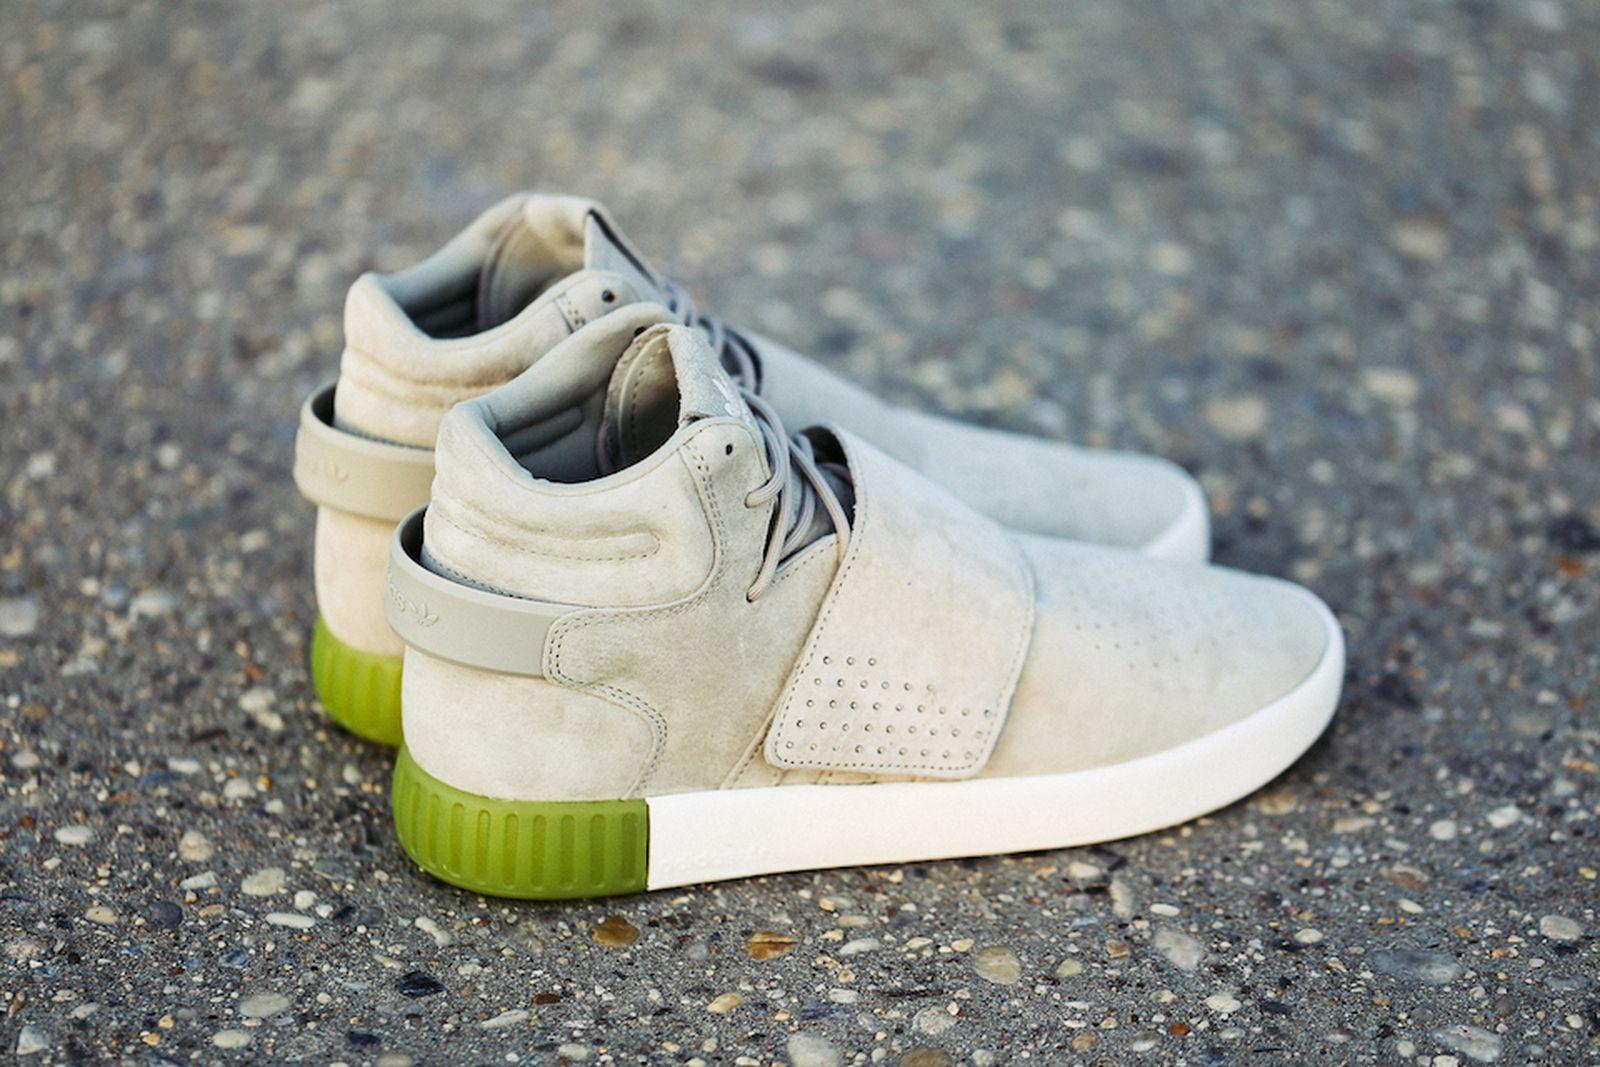 adidas-Finishline-Highsnobiety-7